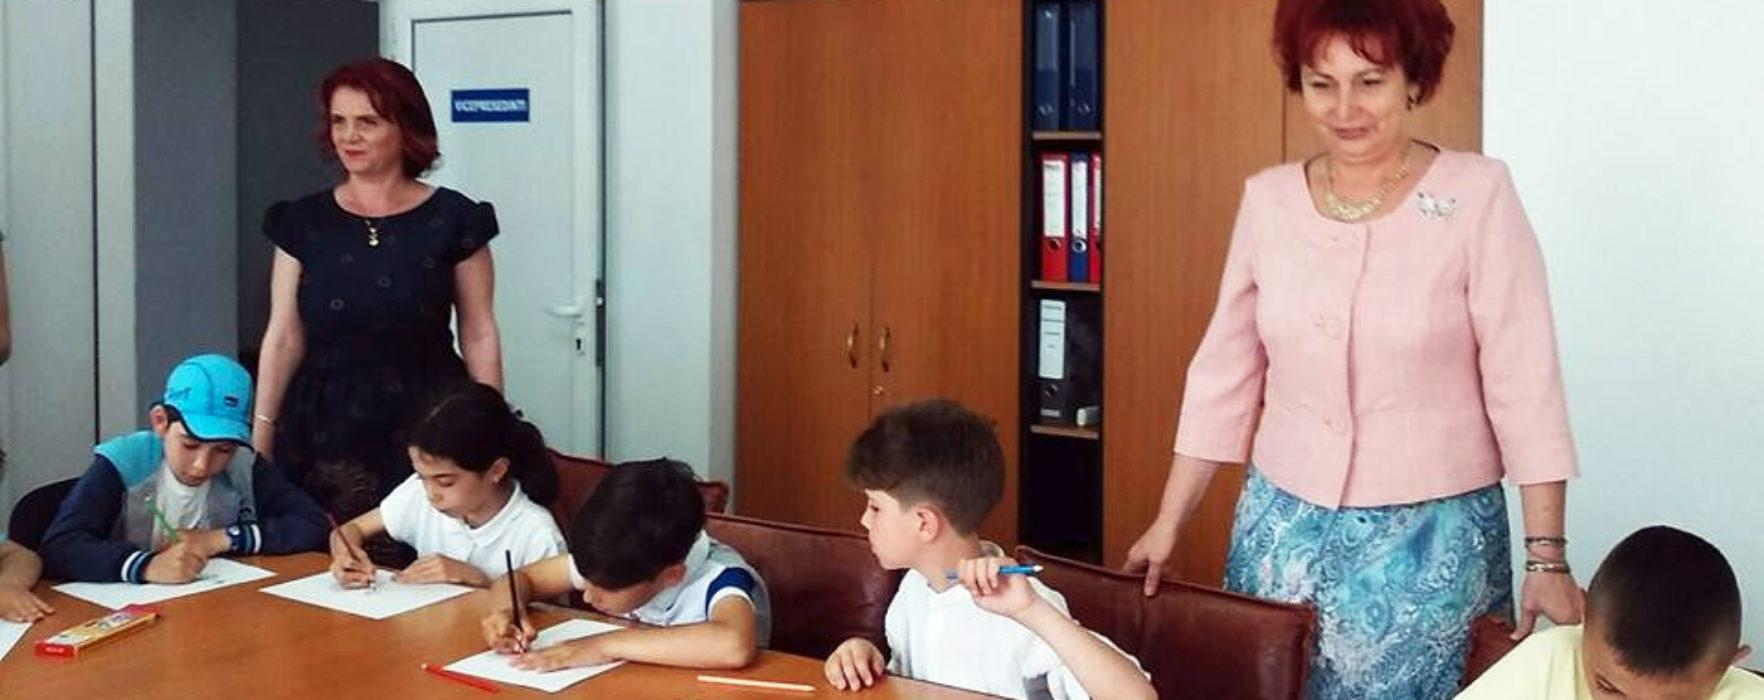 Organizaţia femeilor social democrate din Târgovişte a premiat copiii participanţi la un concurs de desen